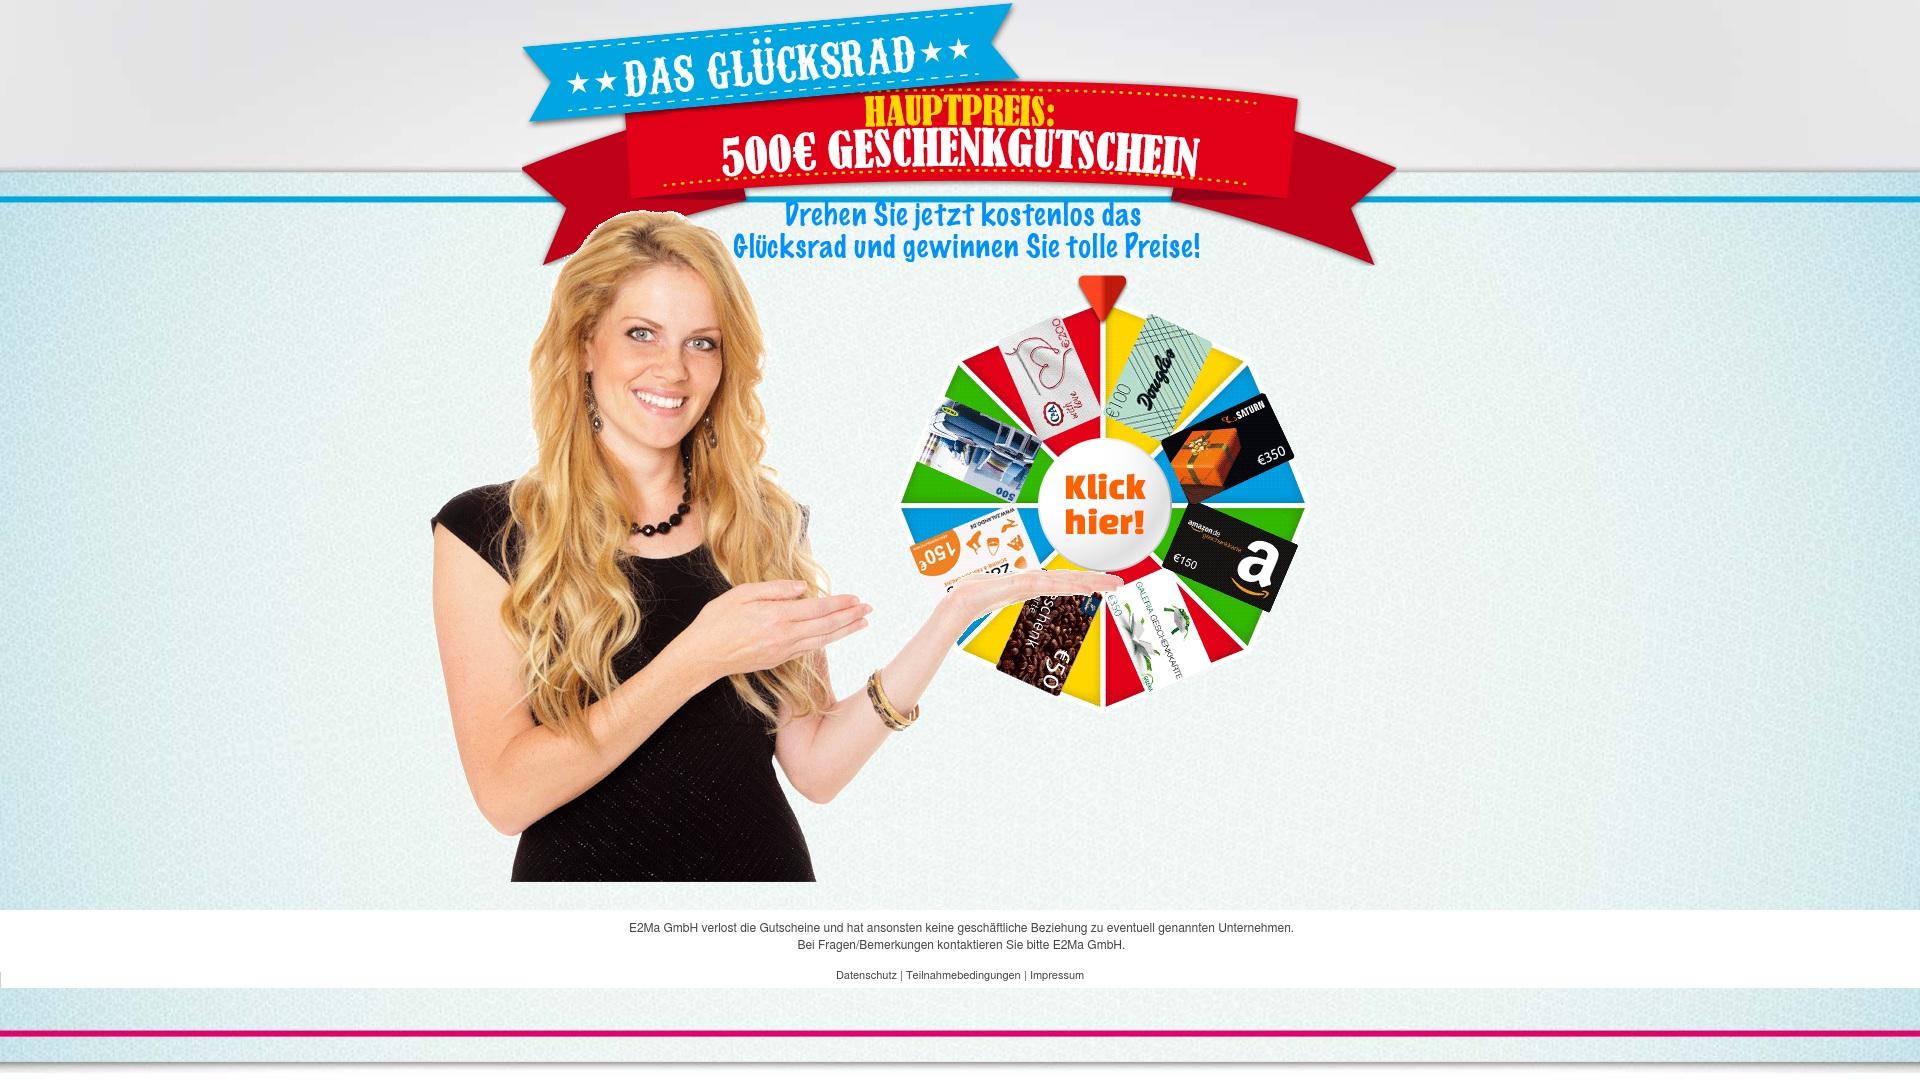 Gutschein für Dreh-dein-glueck: Rabatte für  Dreh-dein-glueck sichern